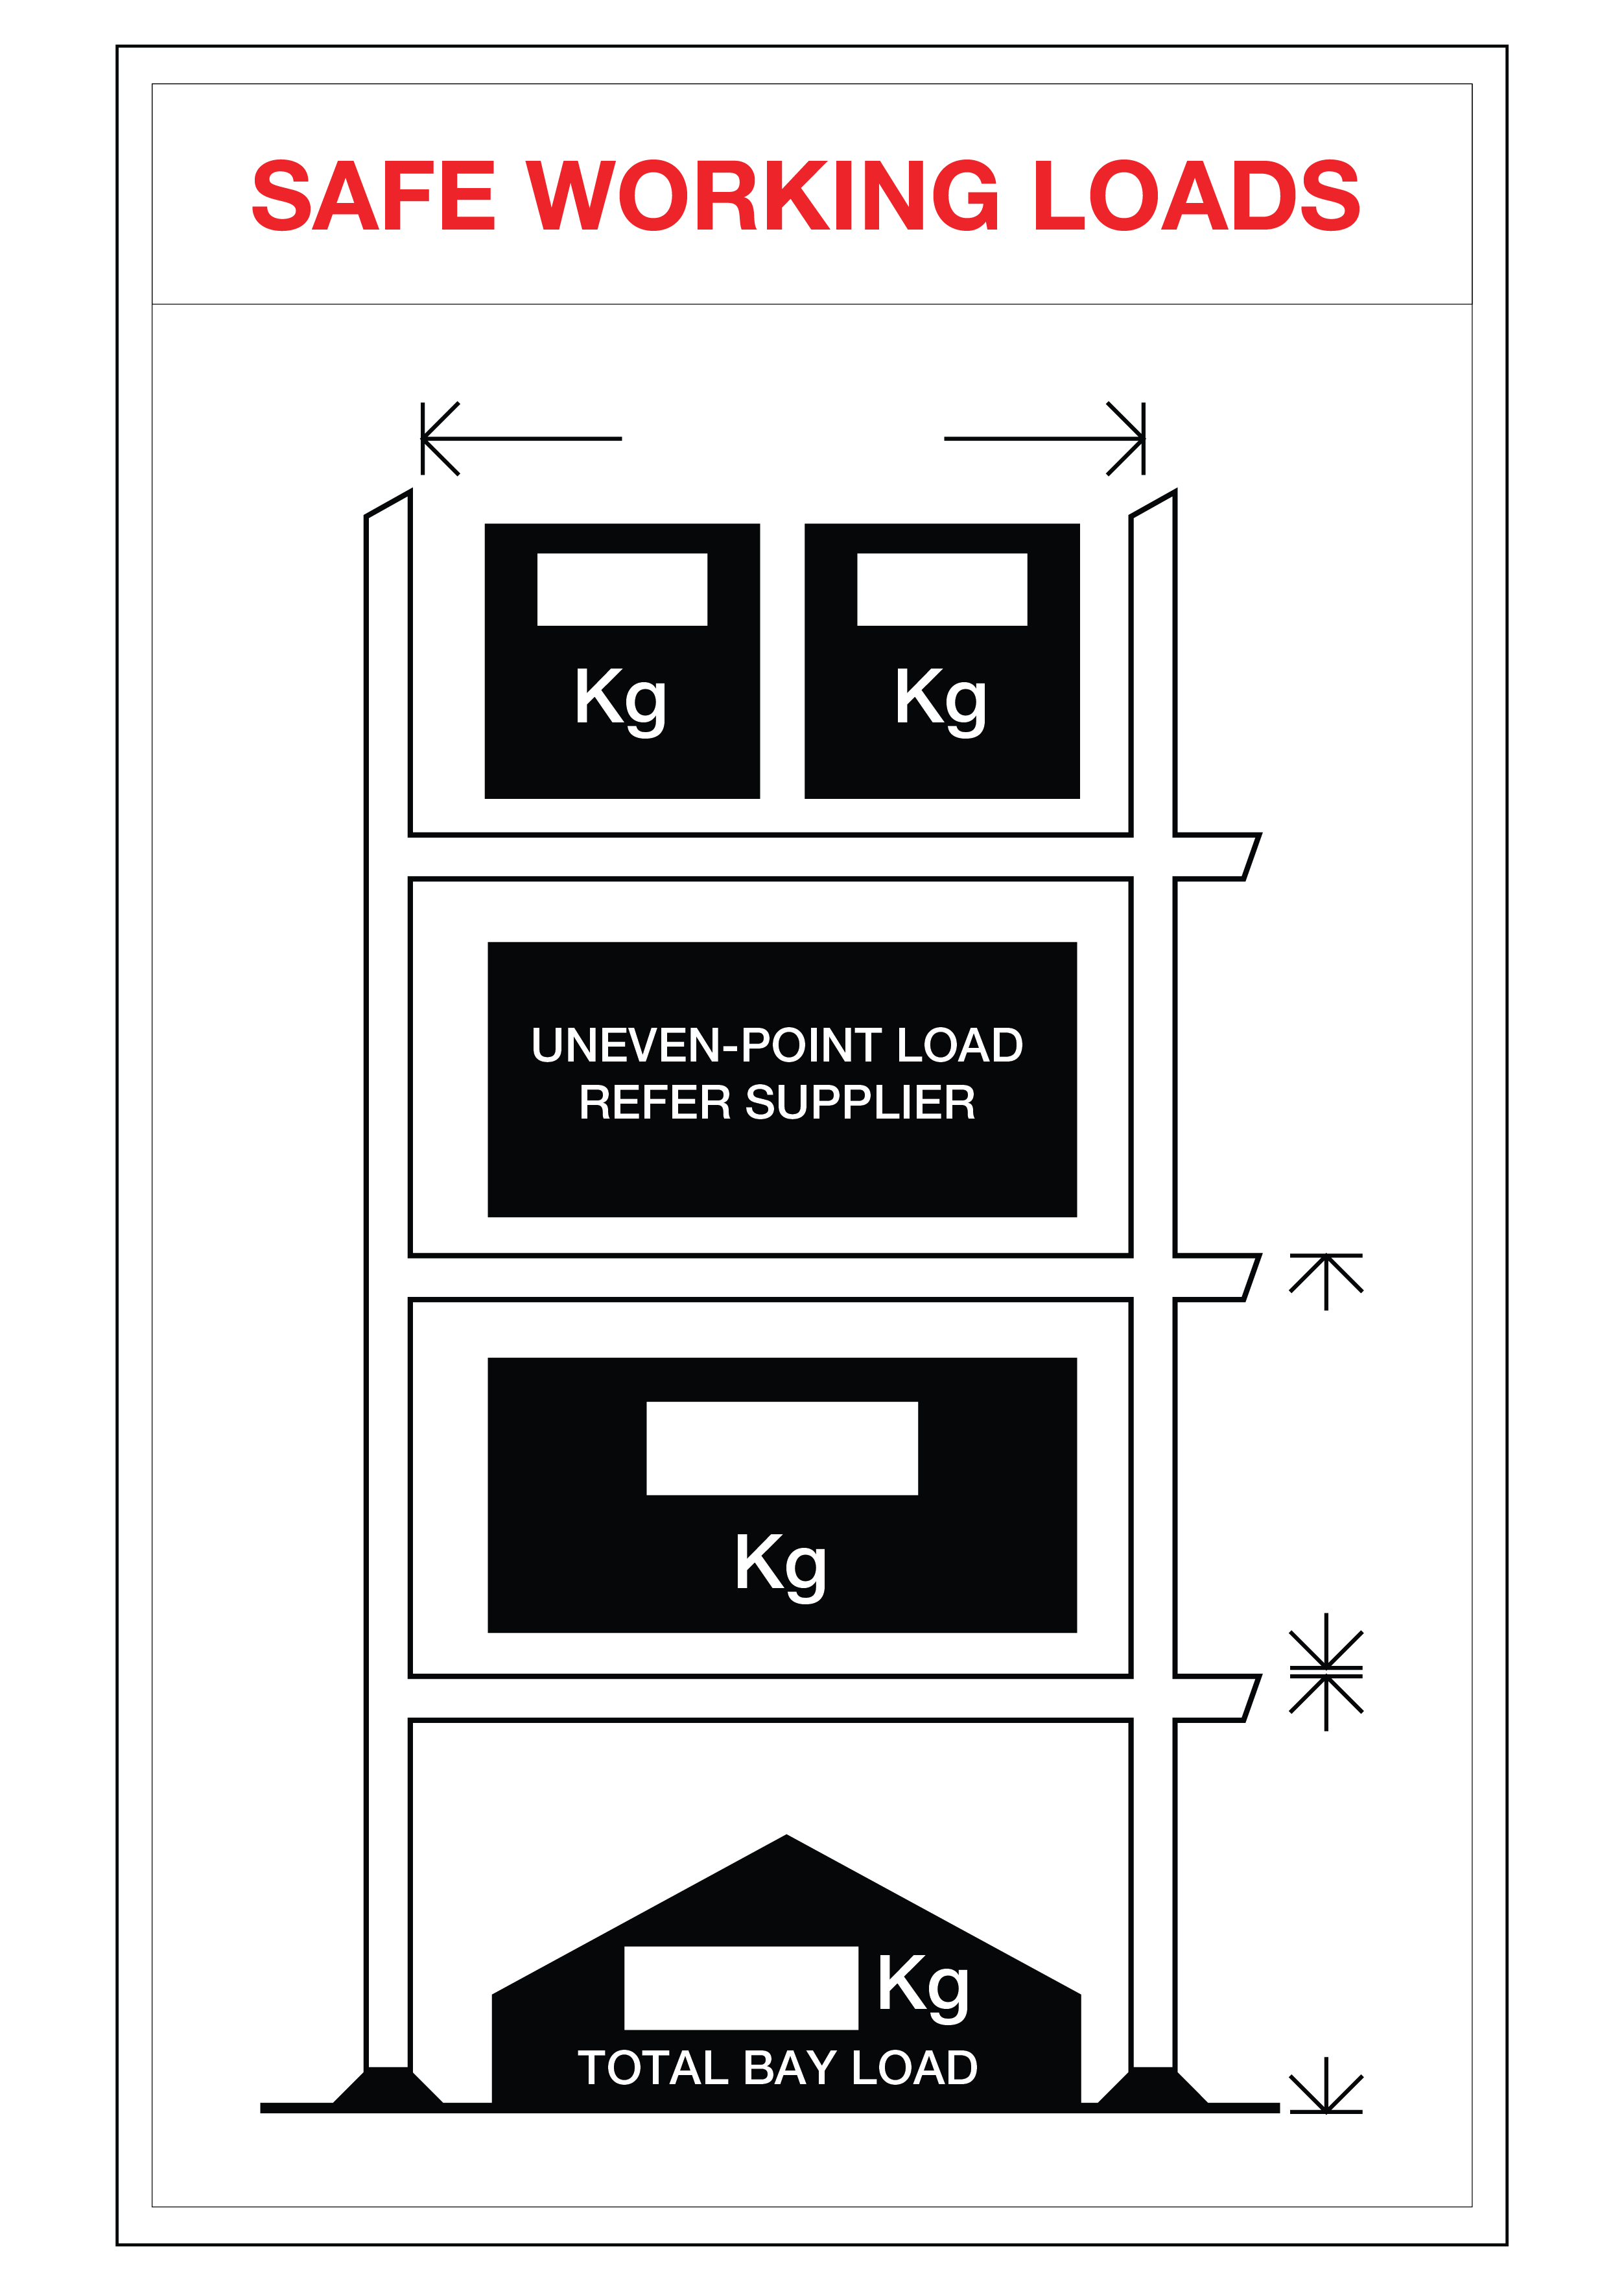 Safe Working Loads Sign